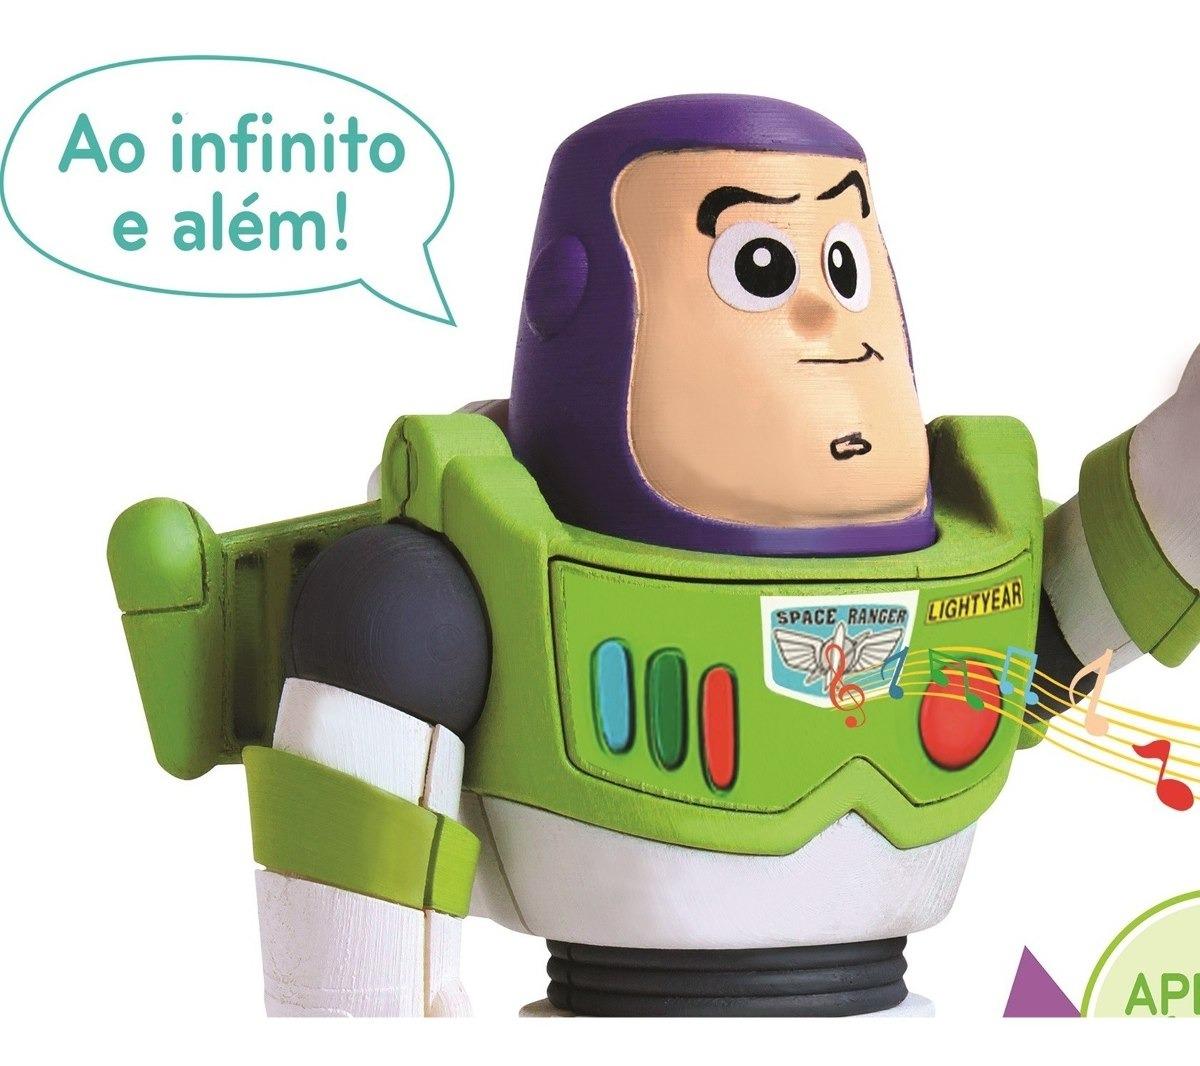 Boneco Buzz Lightyear Toy Story 4 Frases Elka Filme 2020